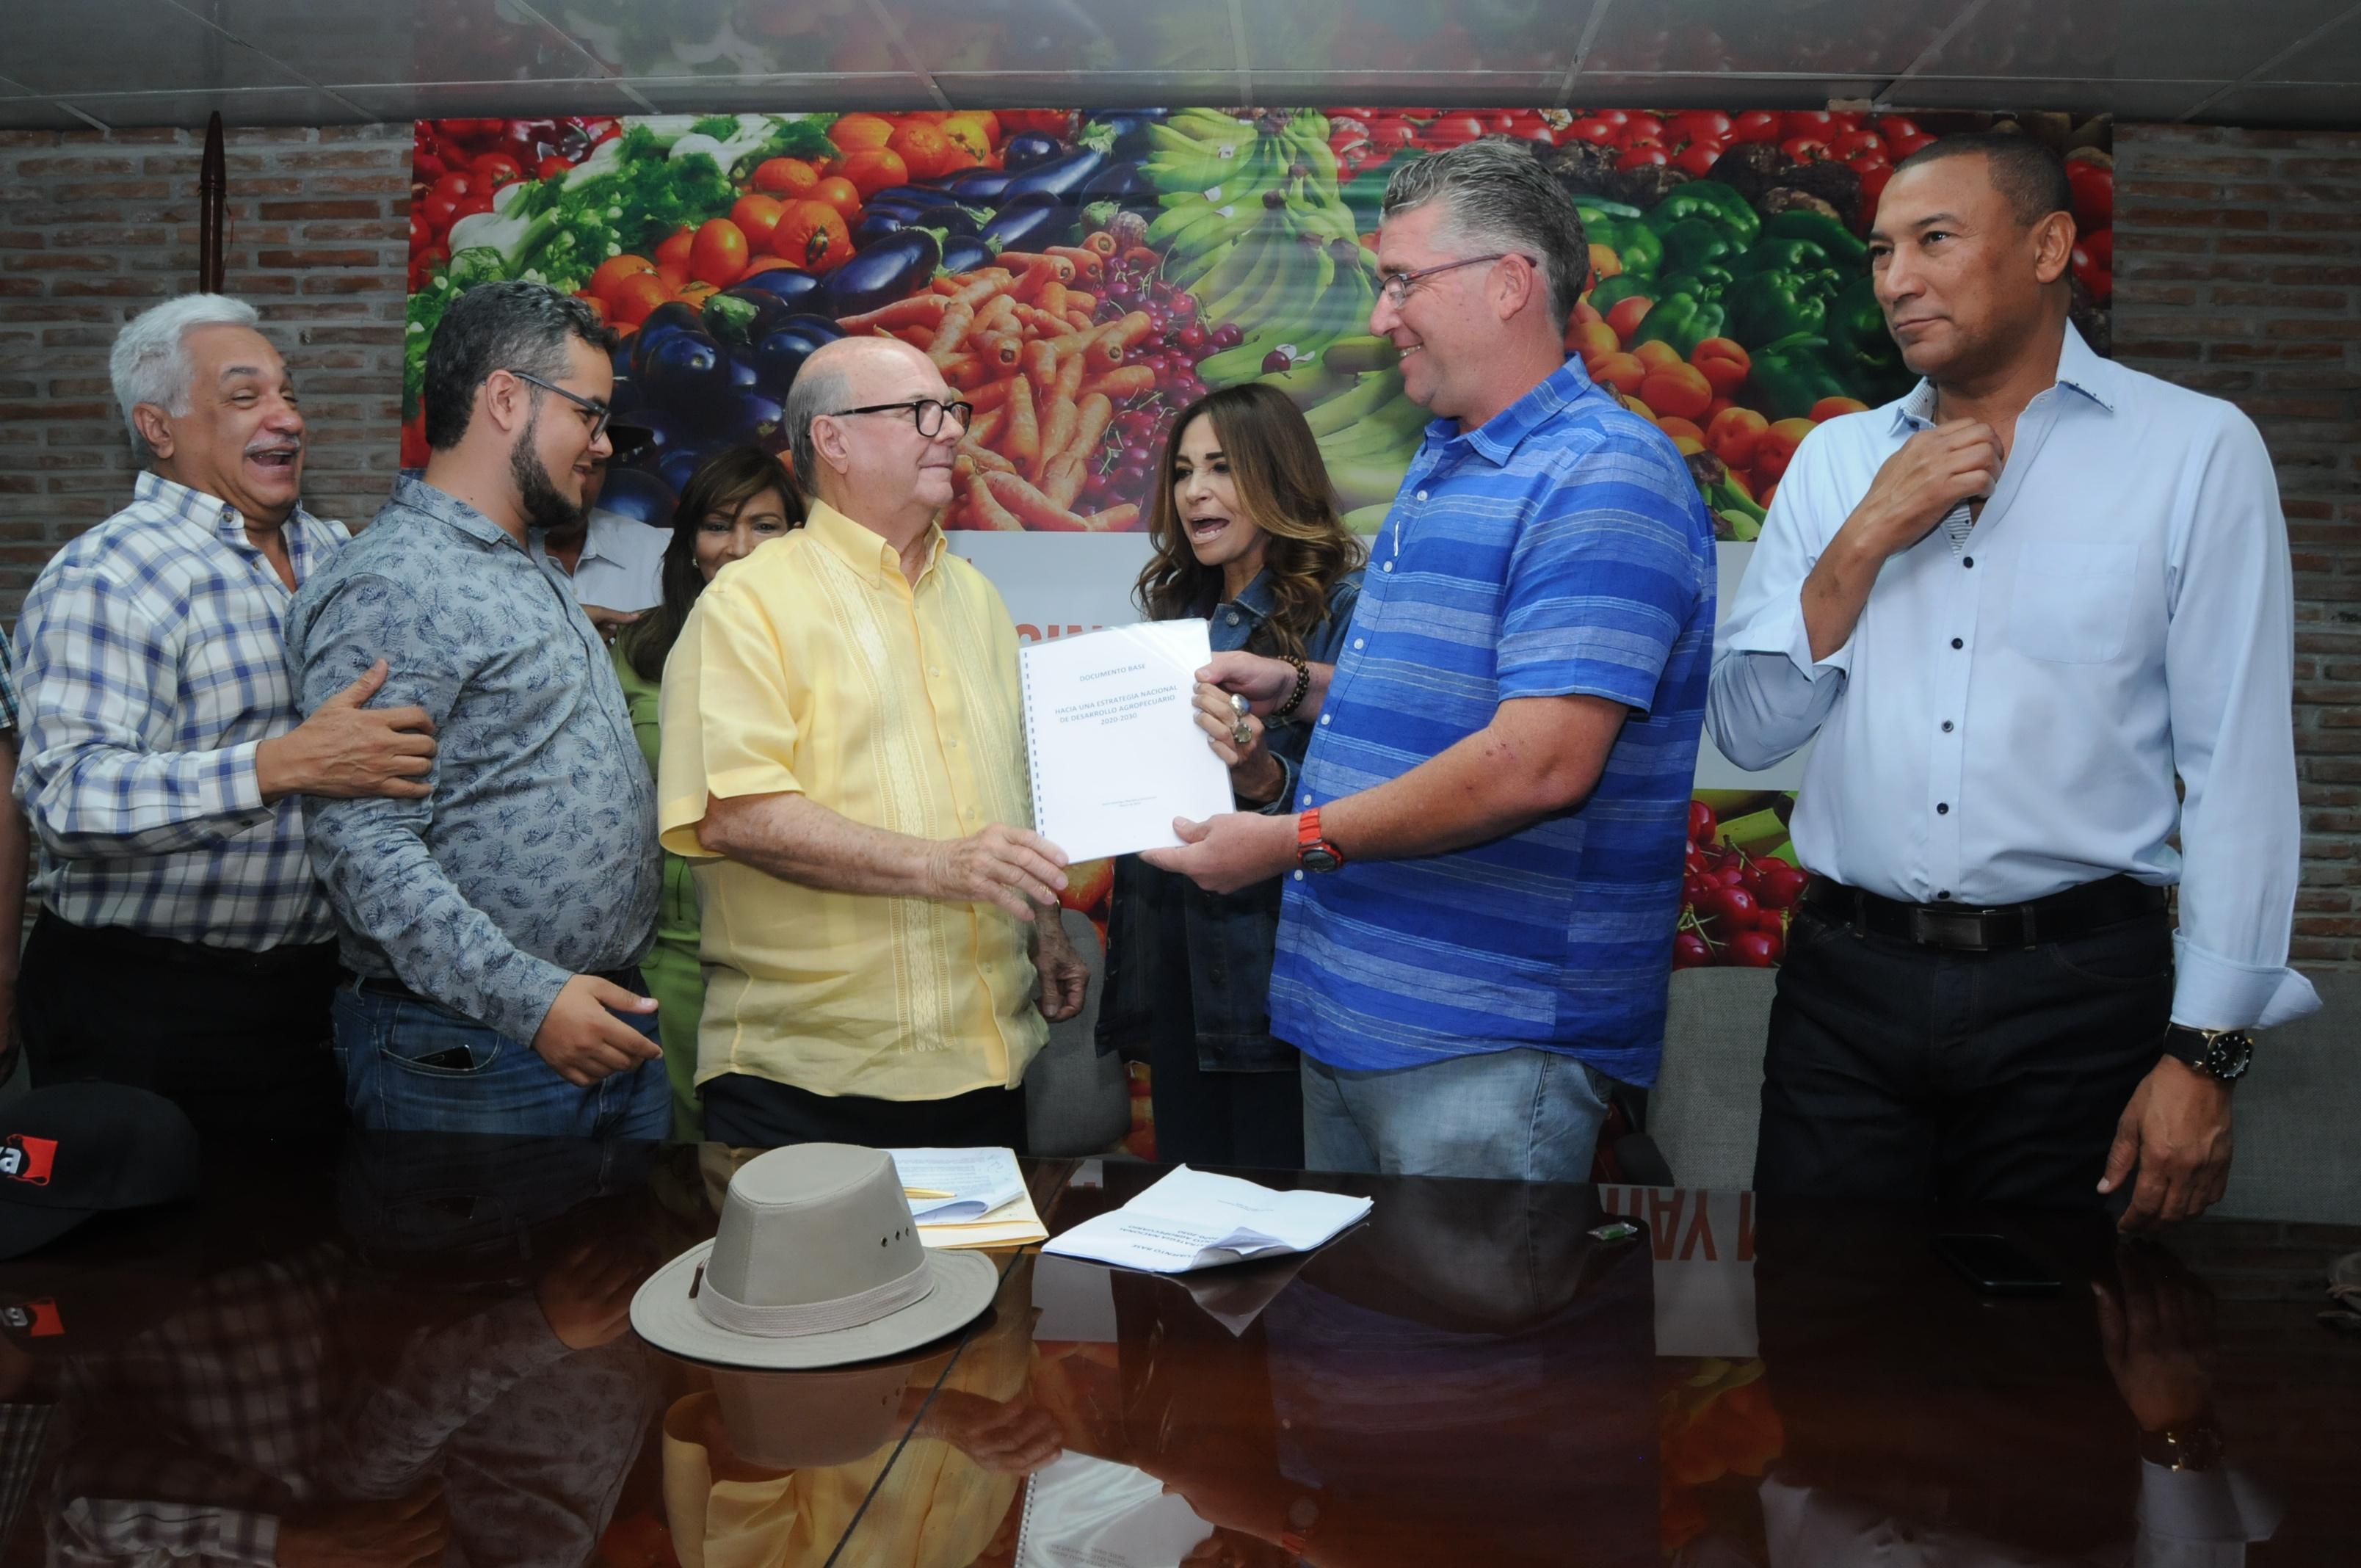 Visitas Sorpresa solo ha servido para verle la cara al presidente, dice Hipólito Mejía